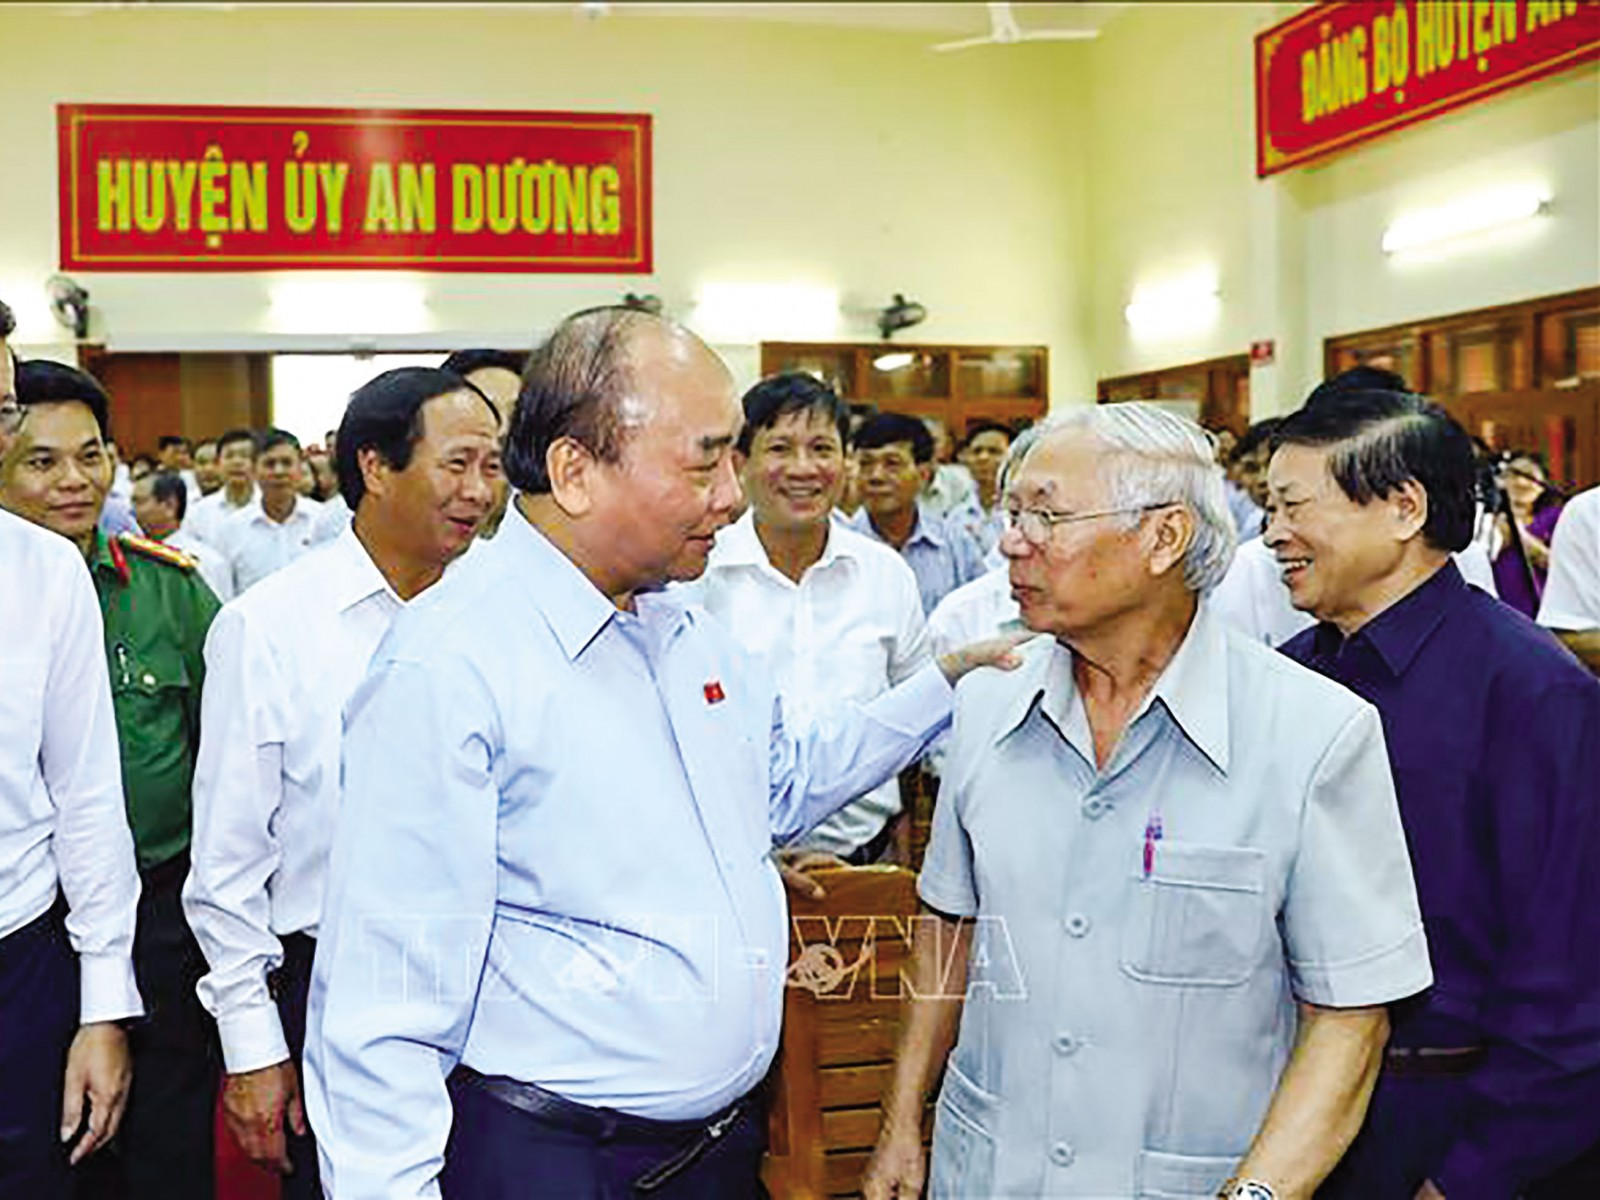 Thủ tướng Nguyễn Xuân Phúc tiếp xúc cử tri An Dương, Hải Phòng.